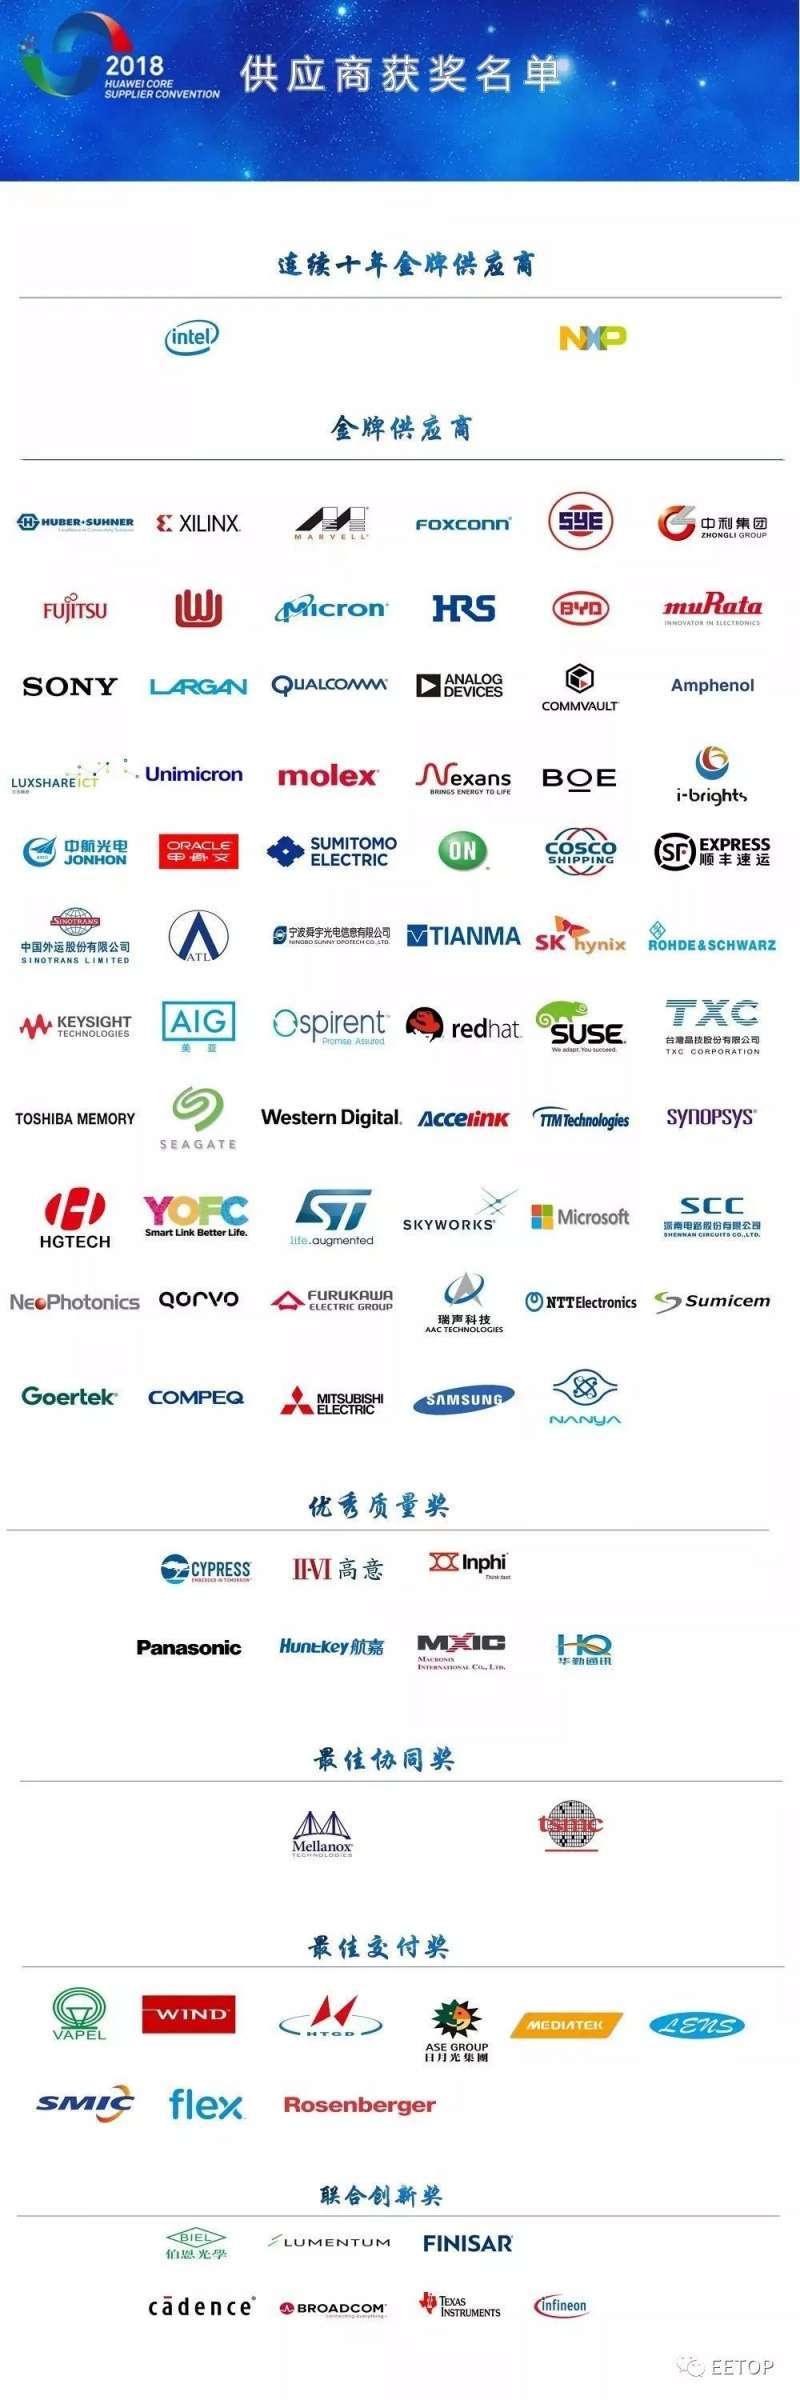 華為2018年最佳供應商獎名單,台積電、日月光、鴻海等重量級上市公司悉數在列(圖片來源:華為)